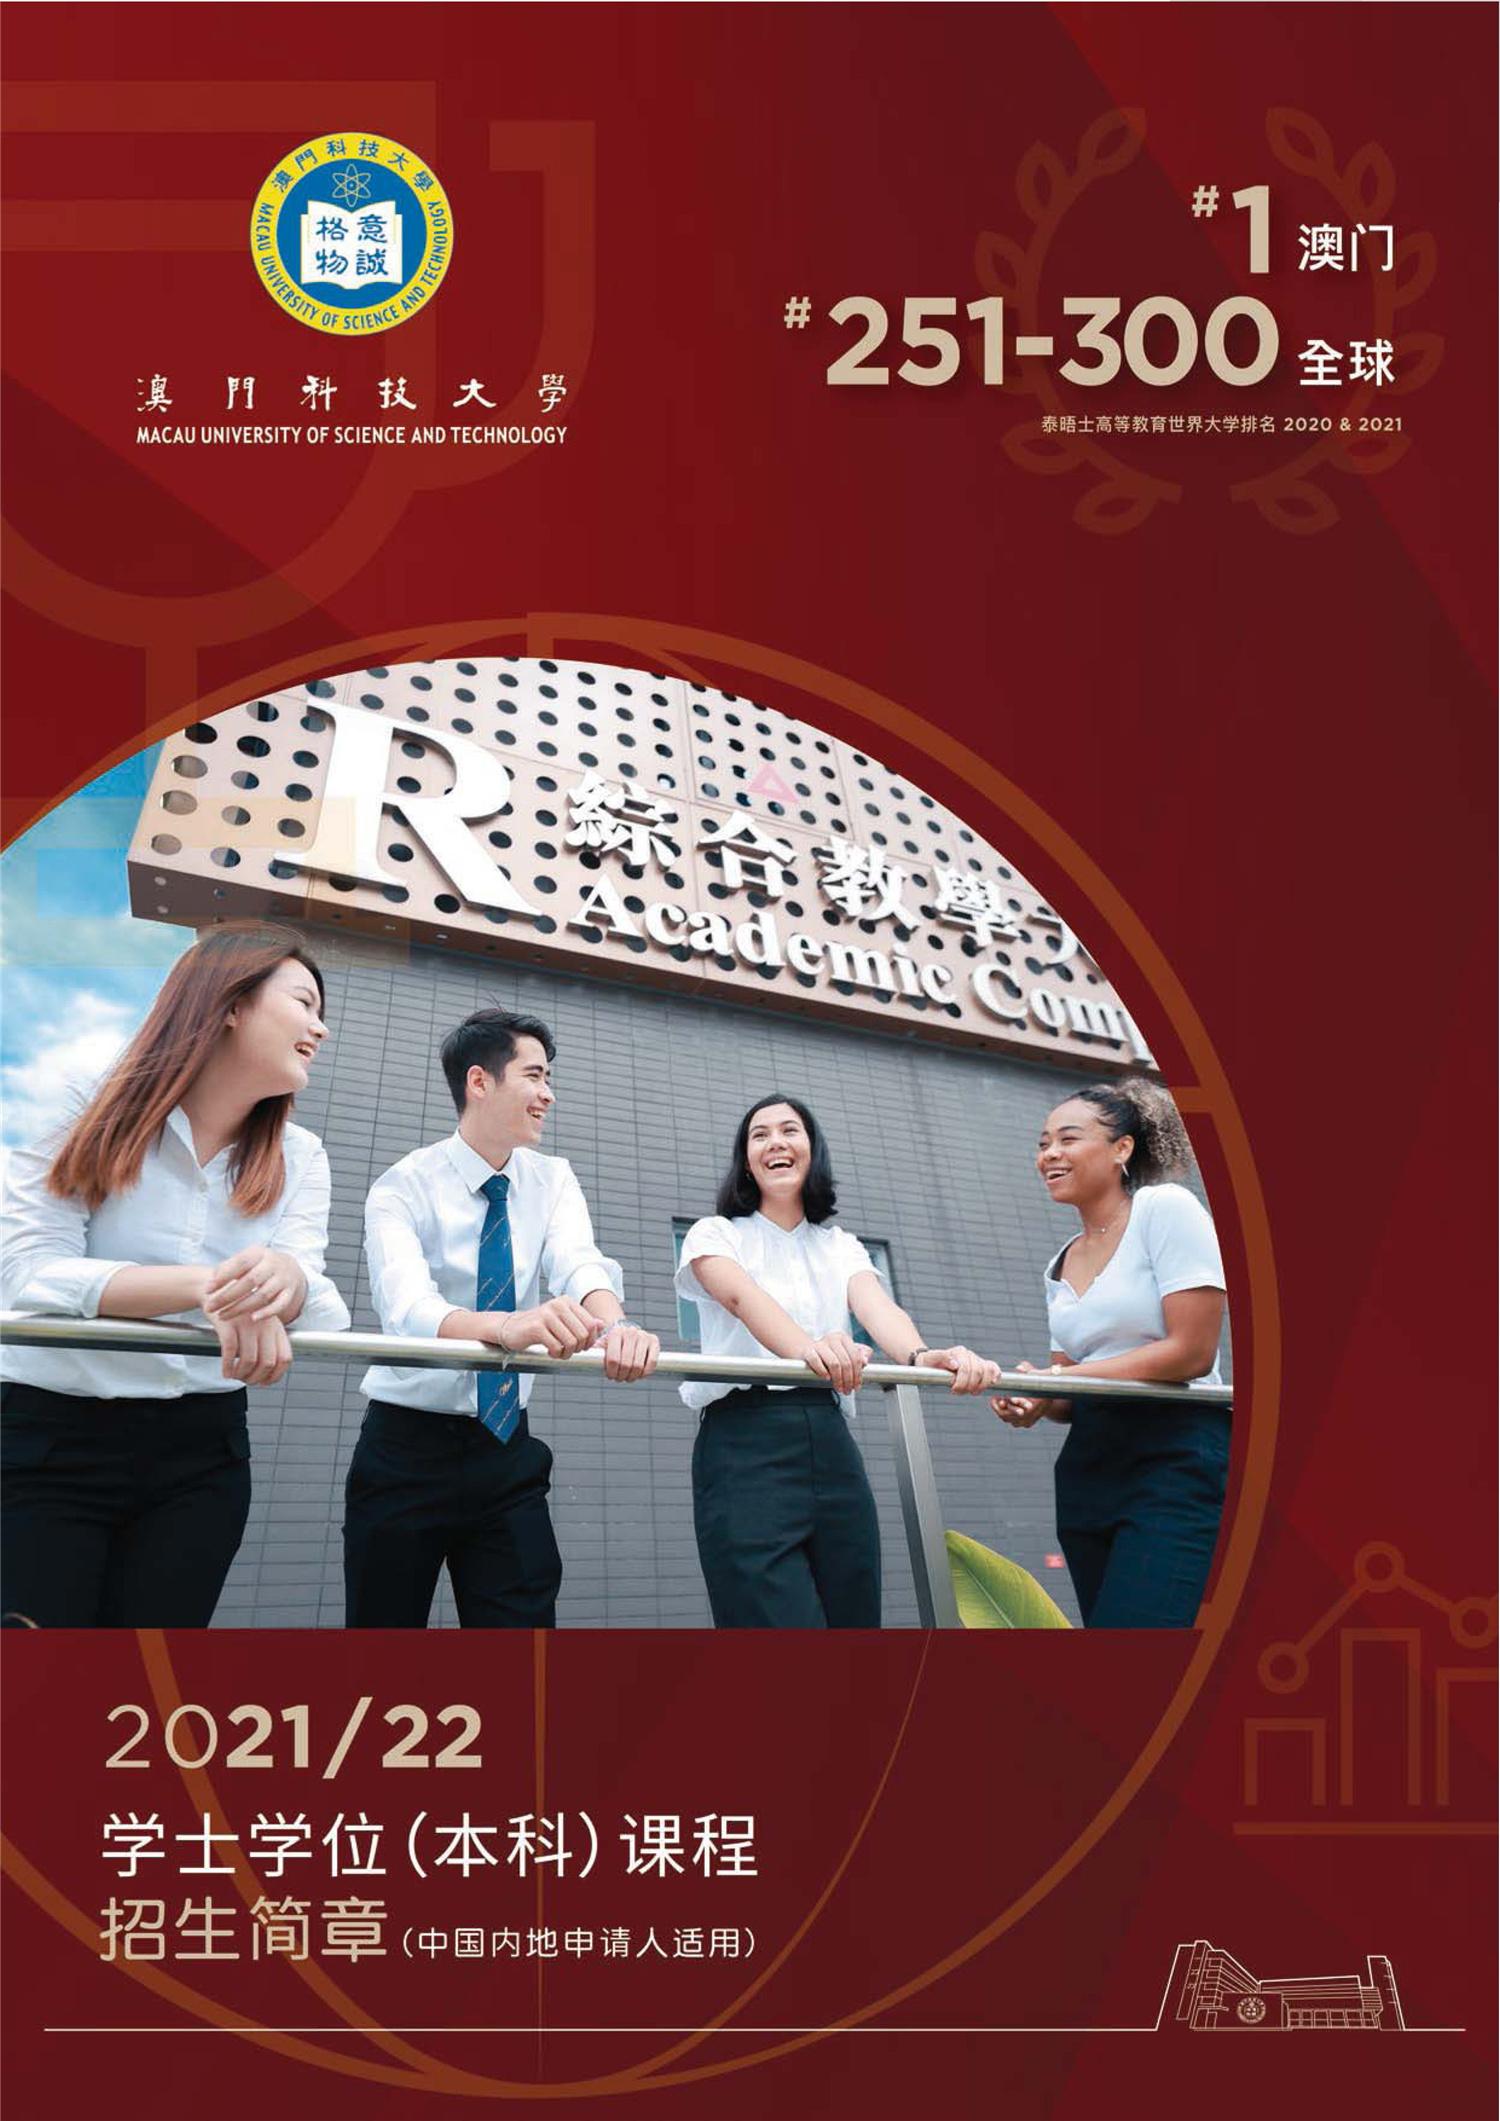 澳门科技大学2021年招生简章